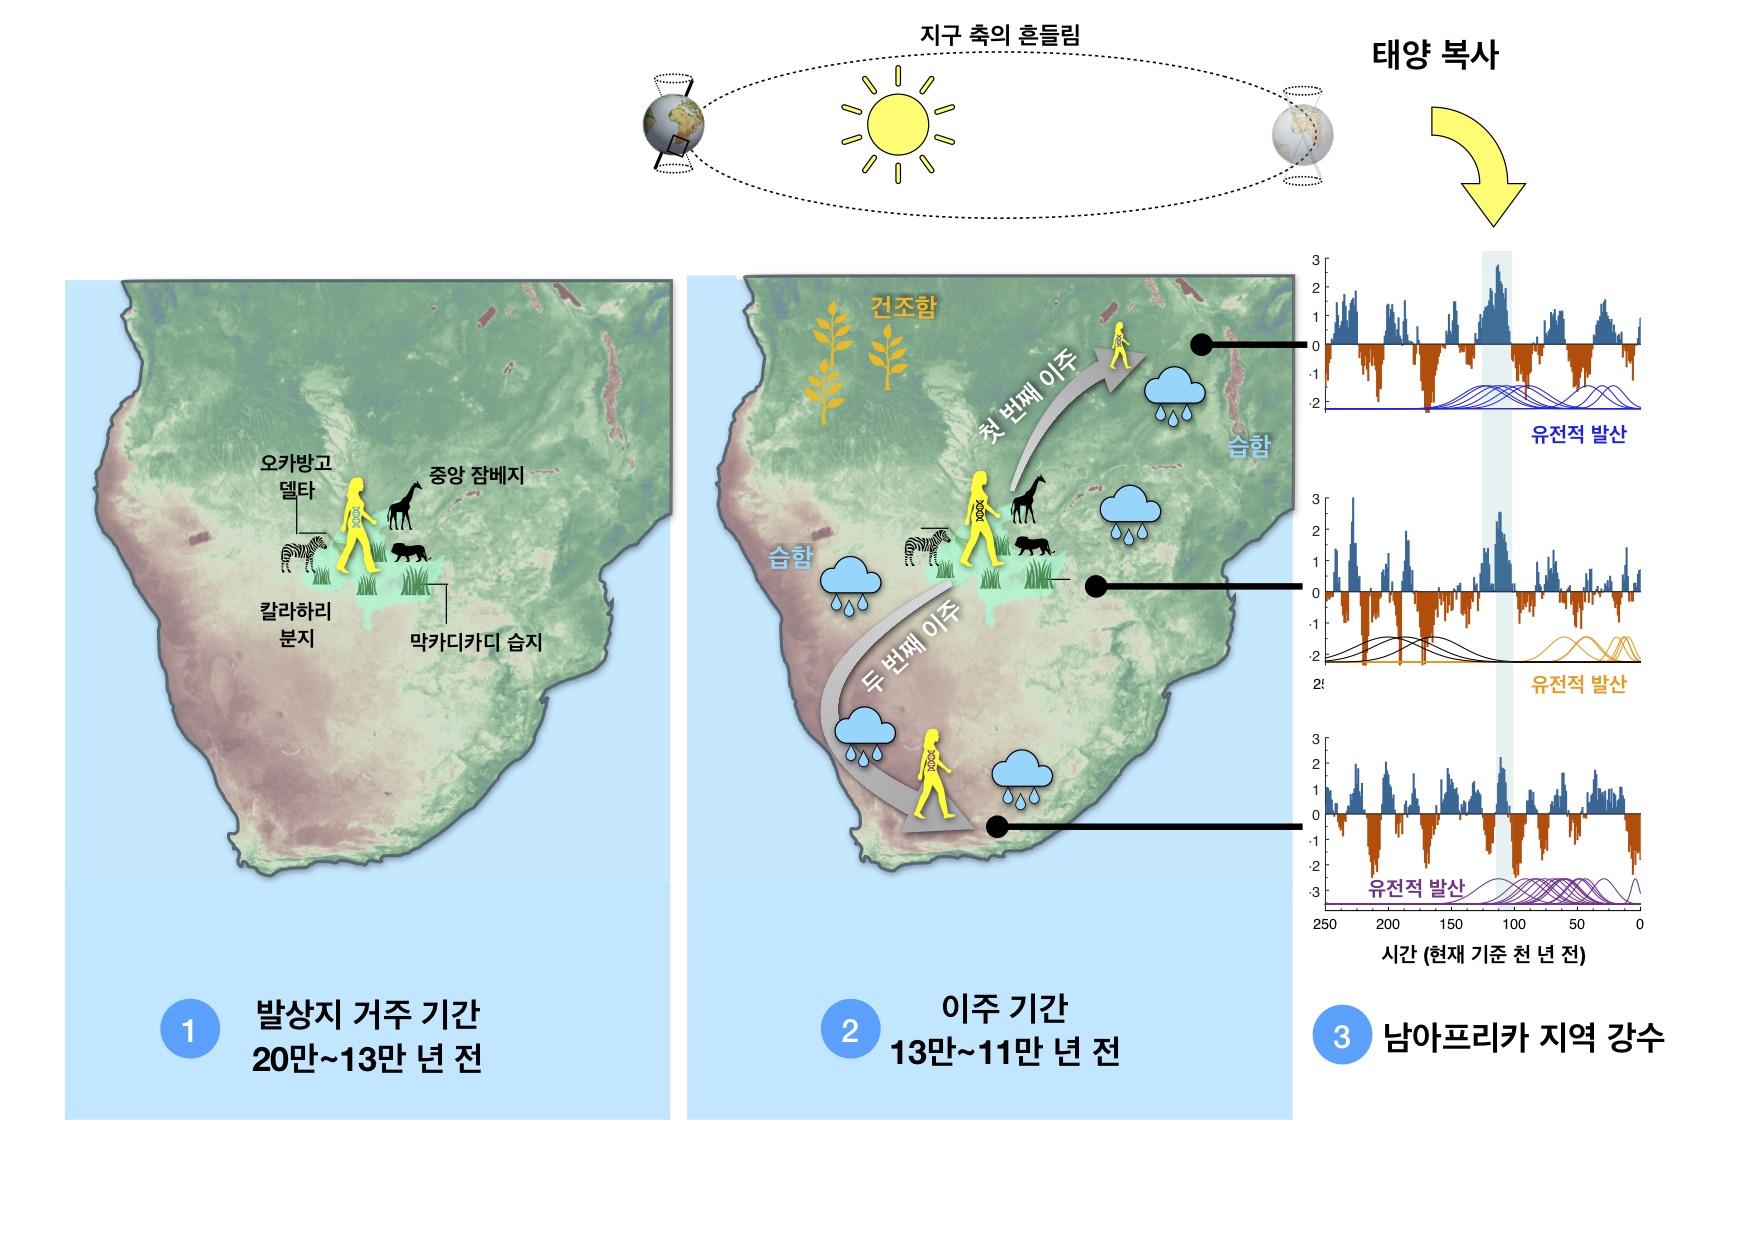 사본 -그림2_남아프리카 강수와 최초 이주의 상관관계_(IBS 제공).jpg